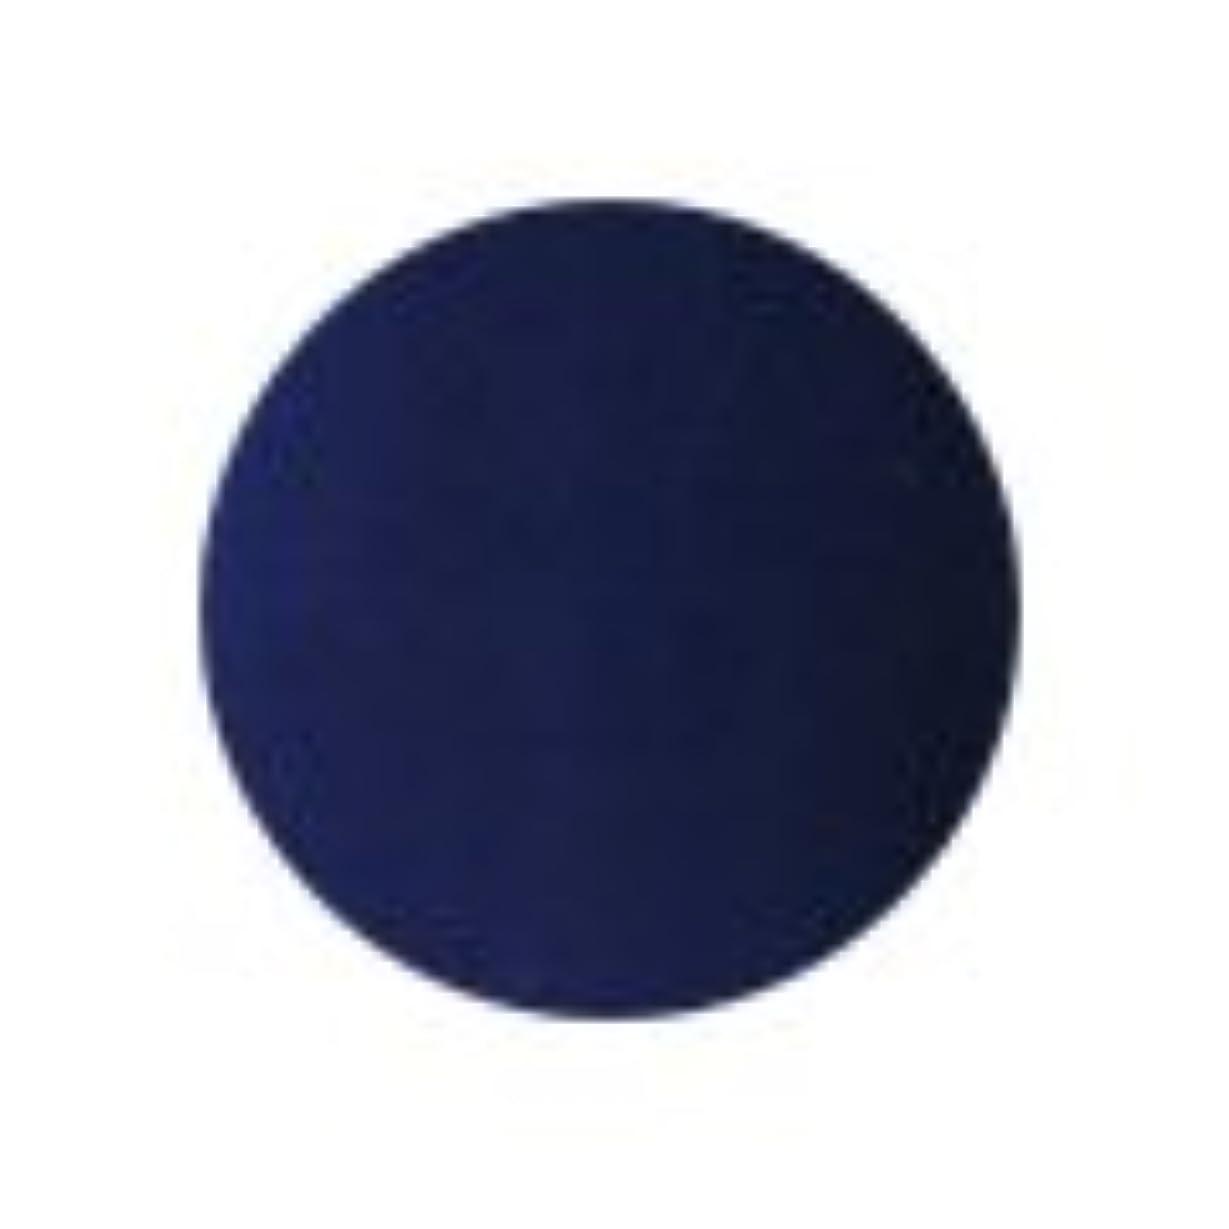 合法フレキシブル象★PREGEL(プリジェル) スーパーカラーEX 4g<BR>PG-SE259 ネイビー